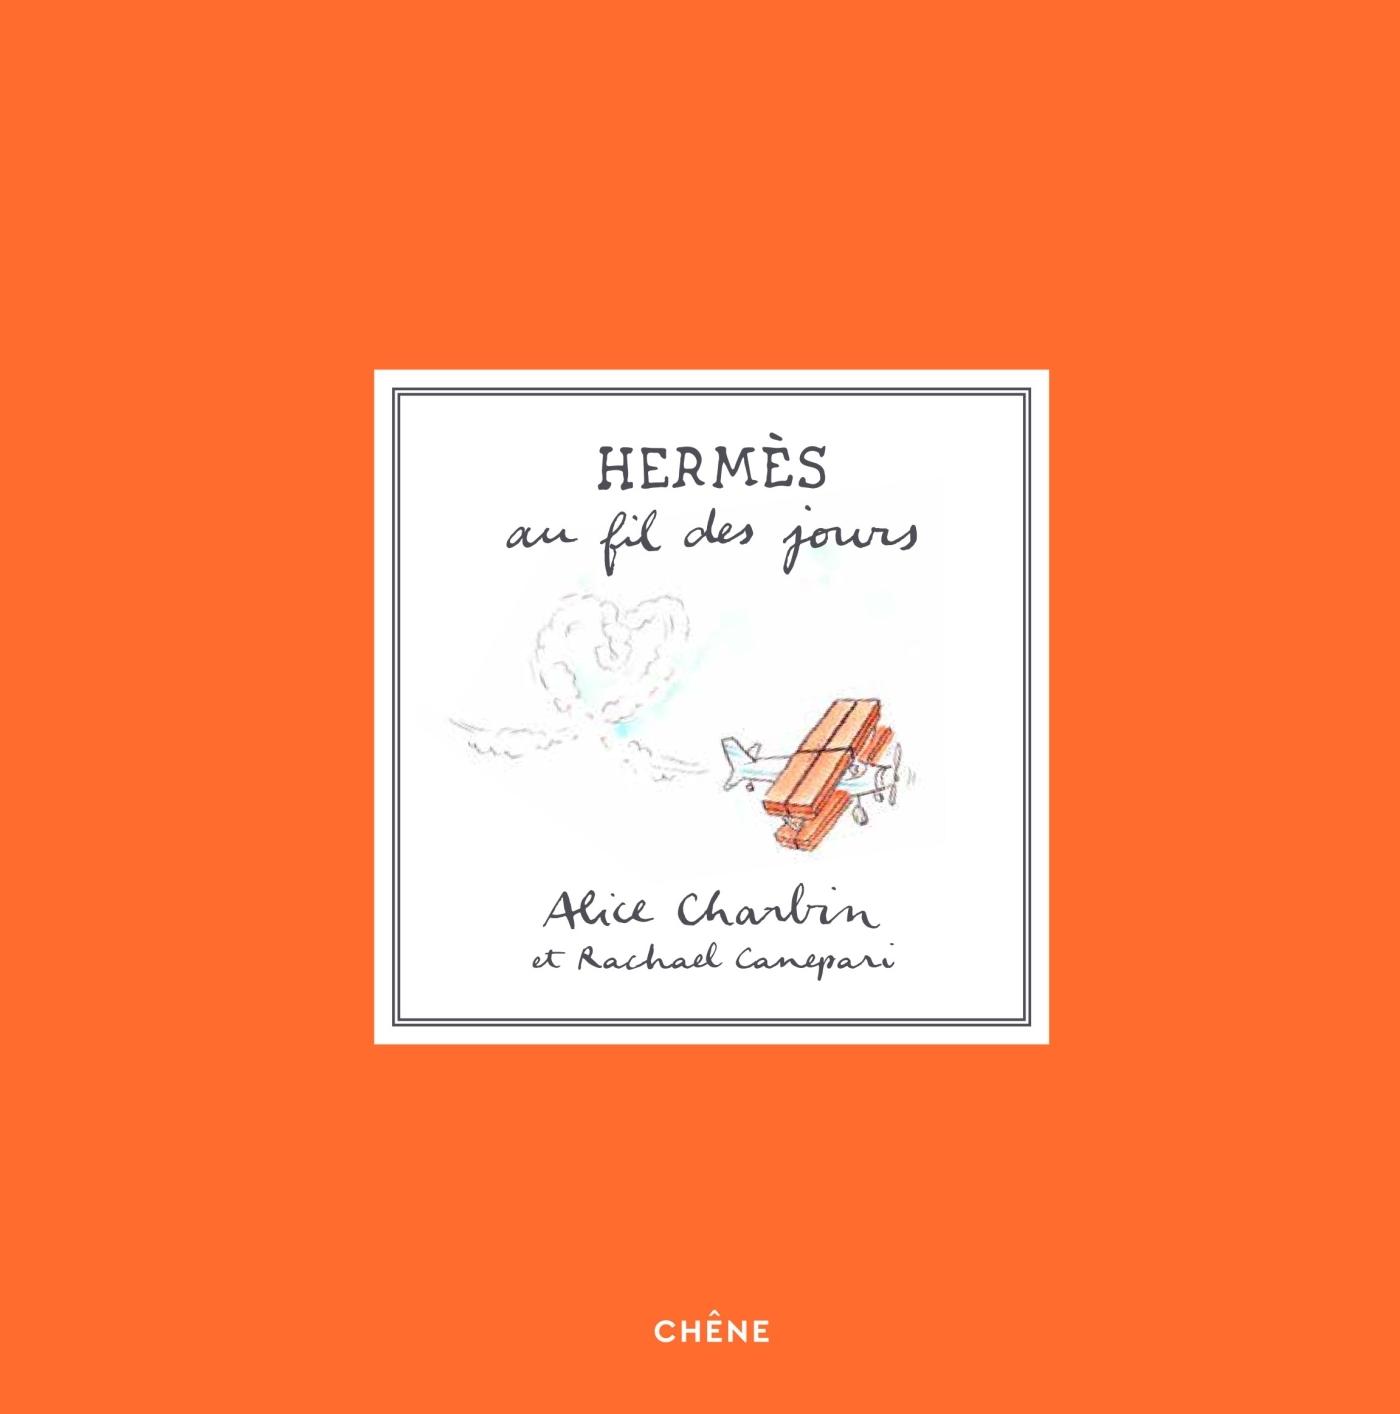 HERMES AU FIL DES JOURS